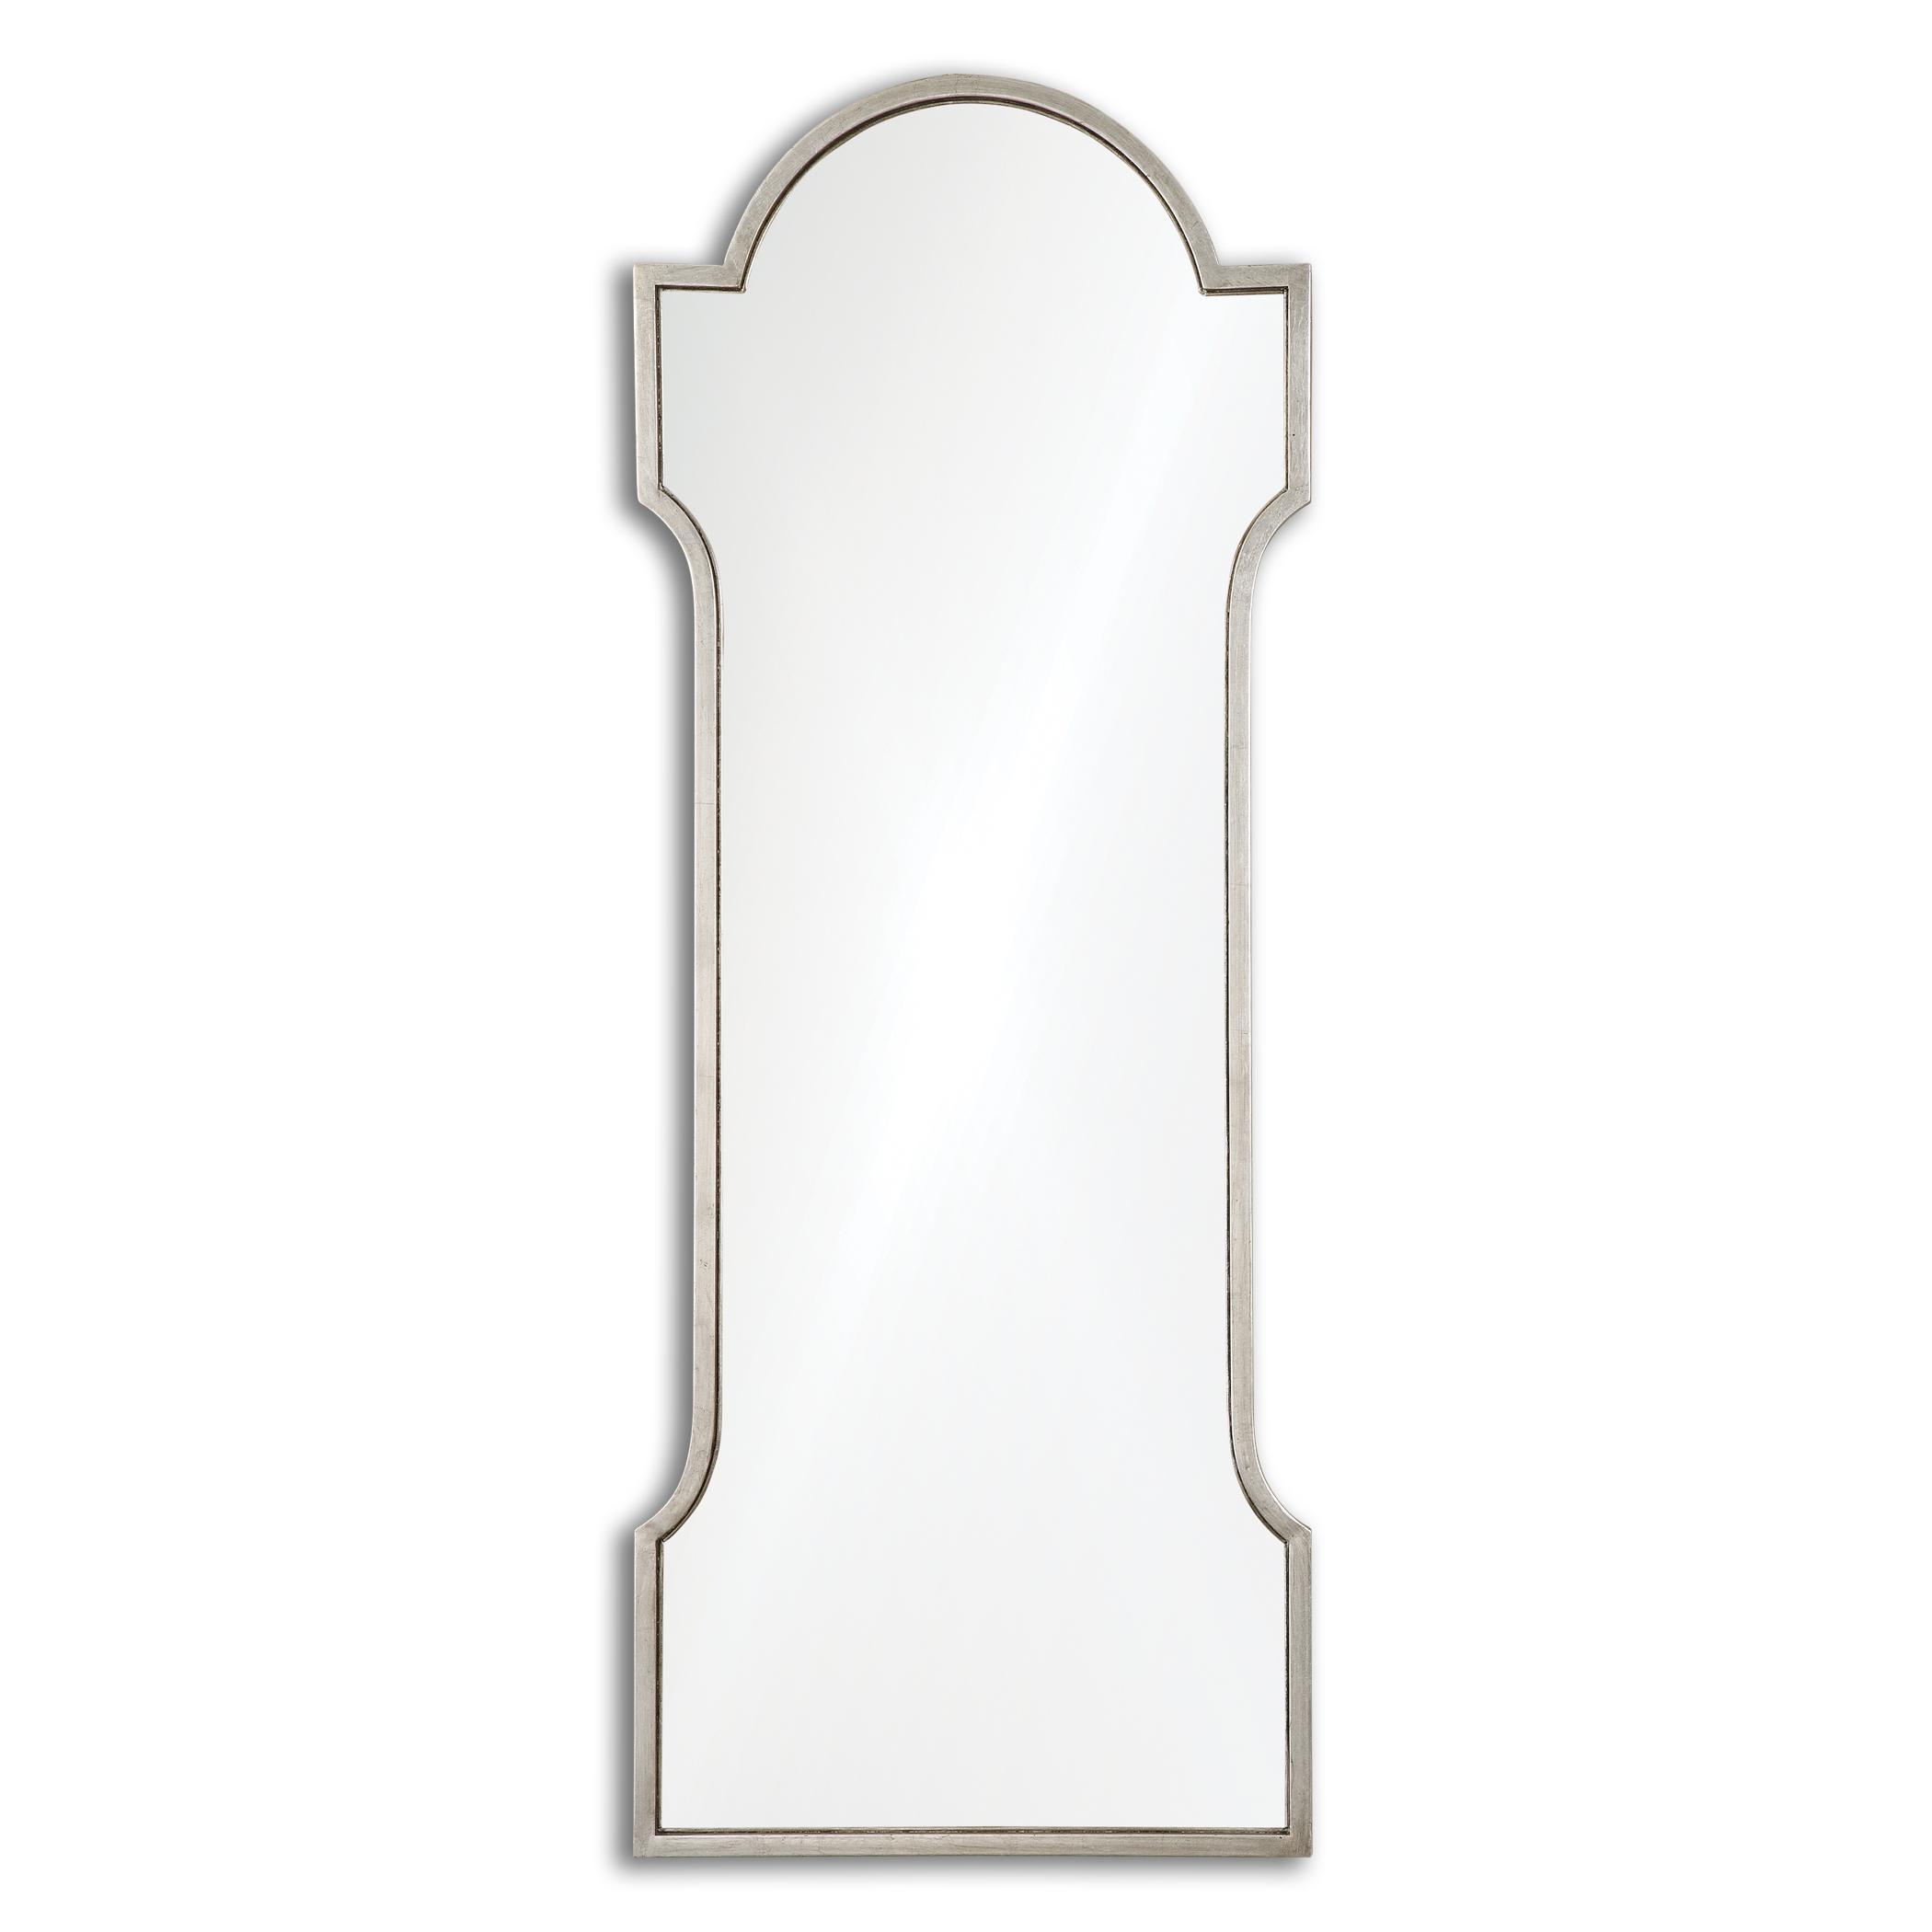 Uttermost Mirrors Jovita Metal Framed Mirror - Item Number: 13875